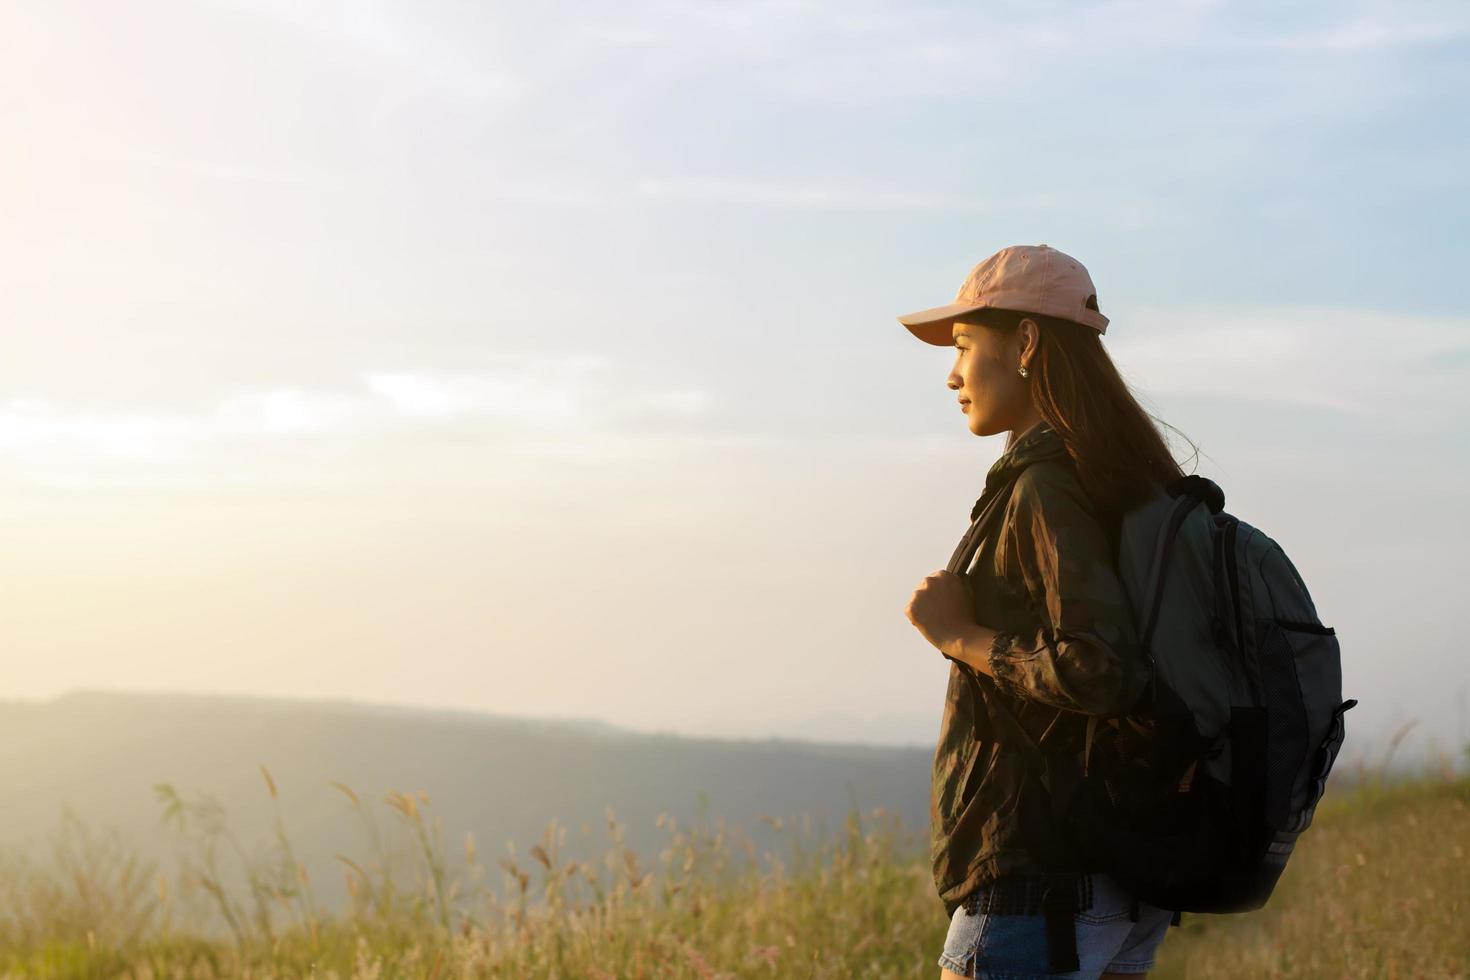 kvinna vandrare med ryggsäck foto